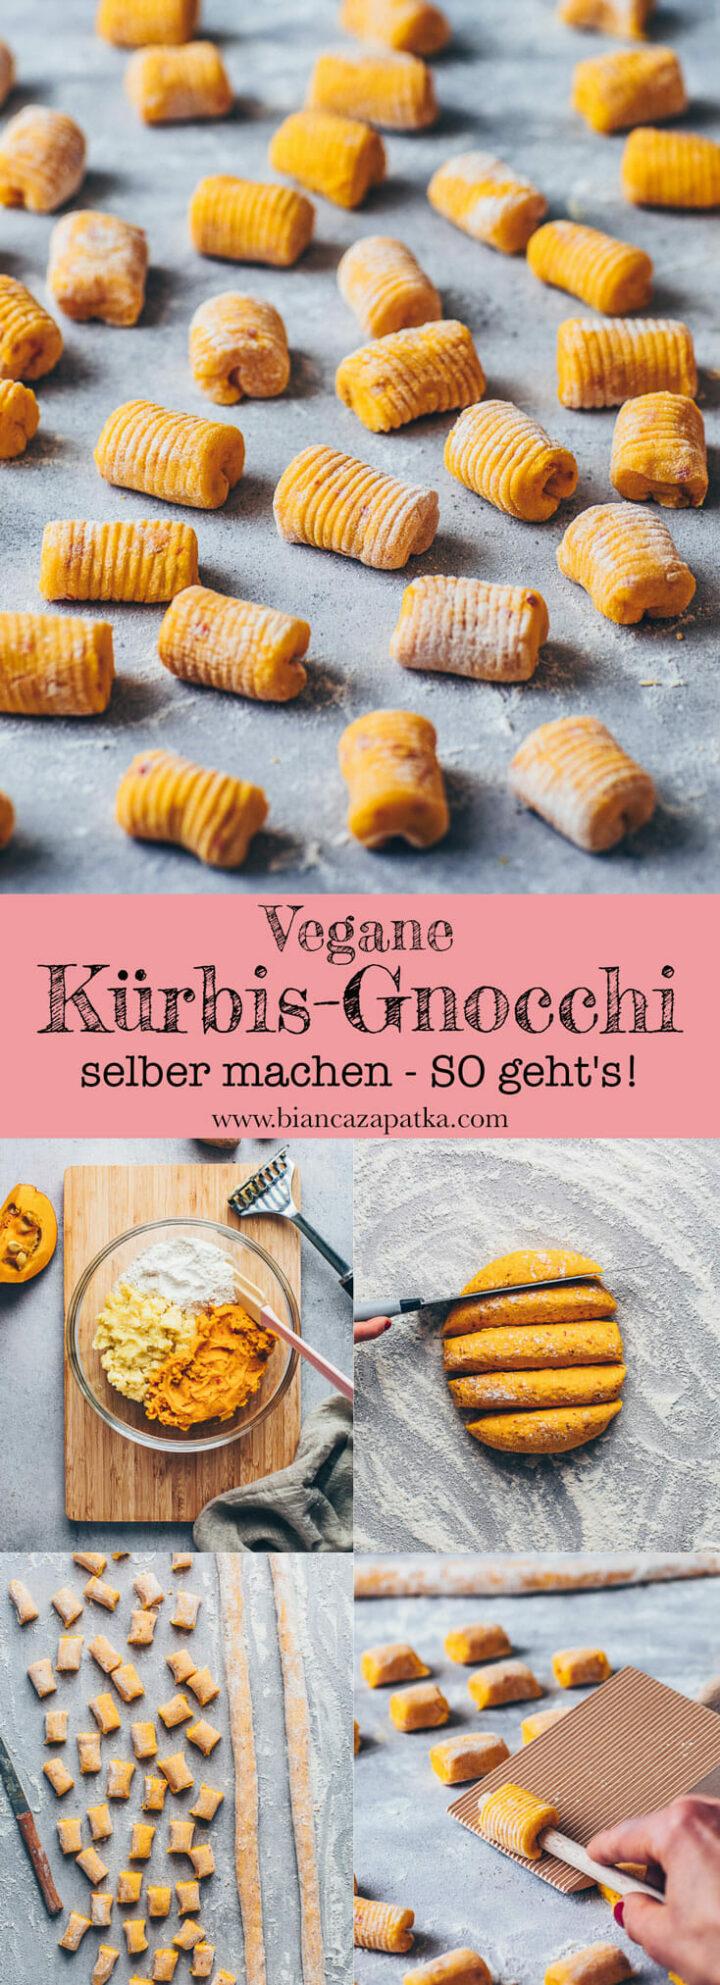 selbstgemachte Gnocchi mit Kuerbis und Kartoffeln vegan